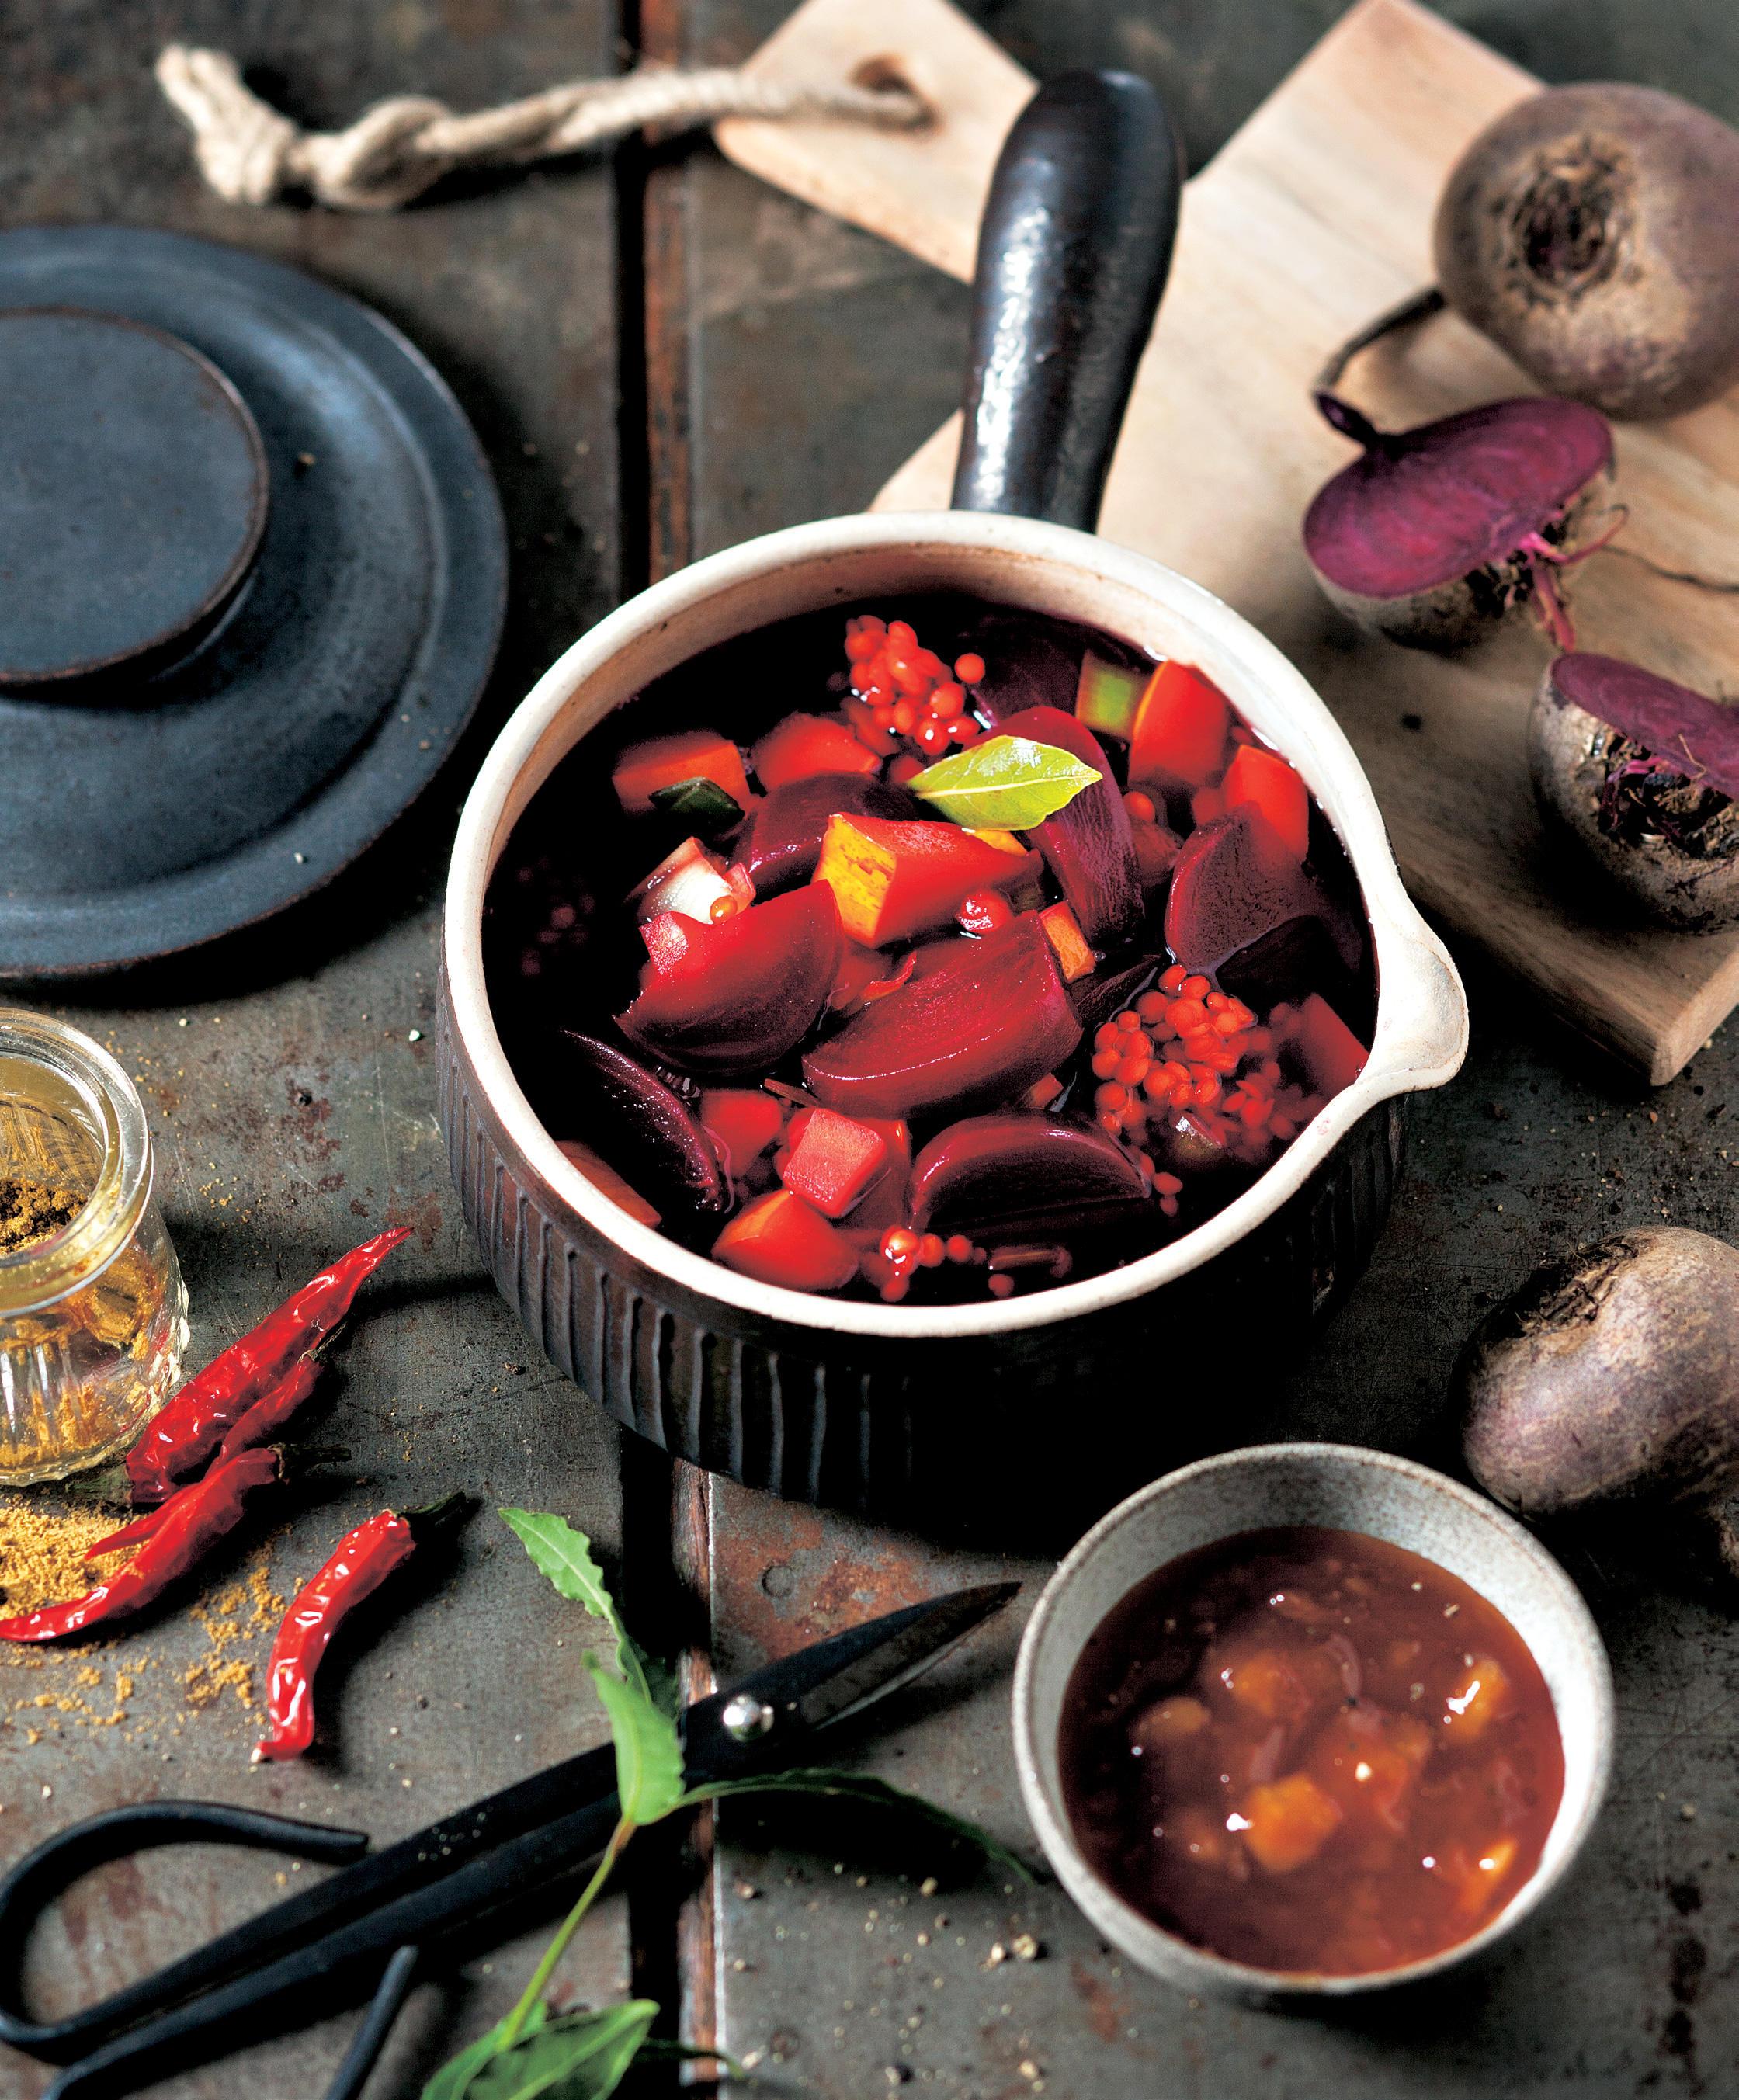 Vegane Küche hat keinen Wumms und braucht furchtbar viele Zutaten? Probieren Sie diese Borschtsch-Variation! Da ist Süße drin, Schärfe - und beim Einkauf müssen Sie sich garantiert nicht abschleppen